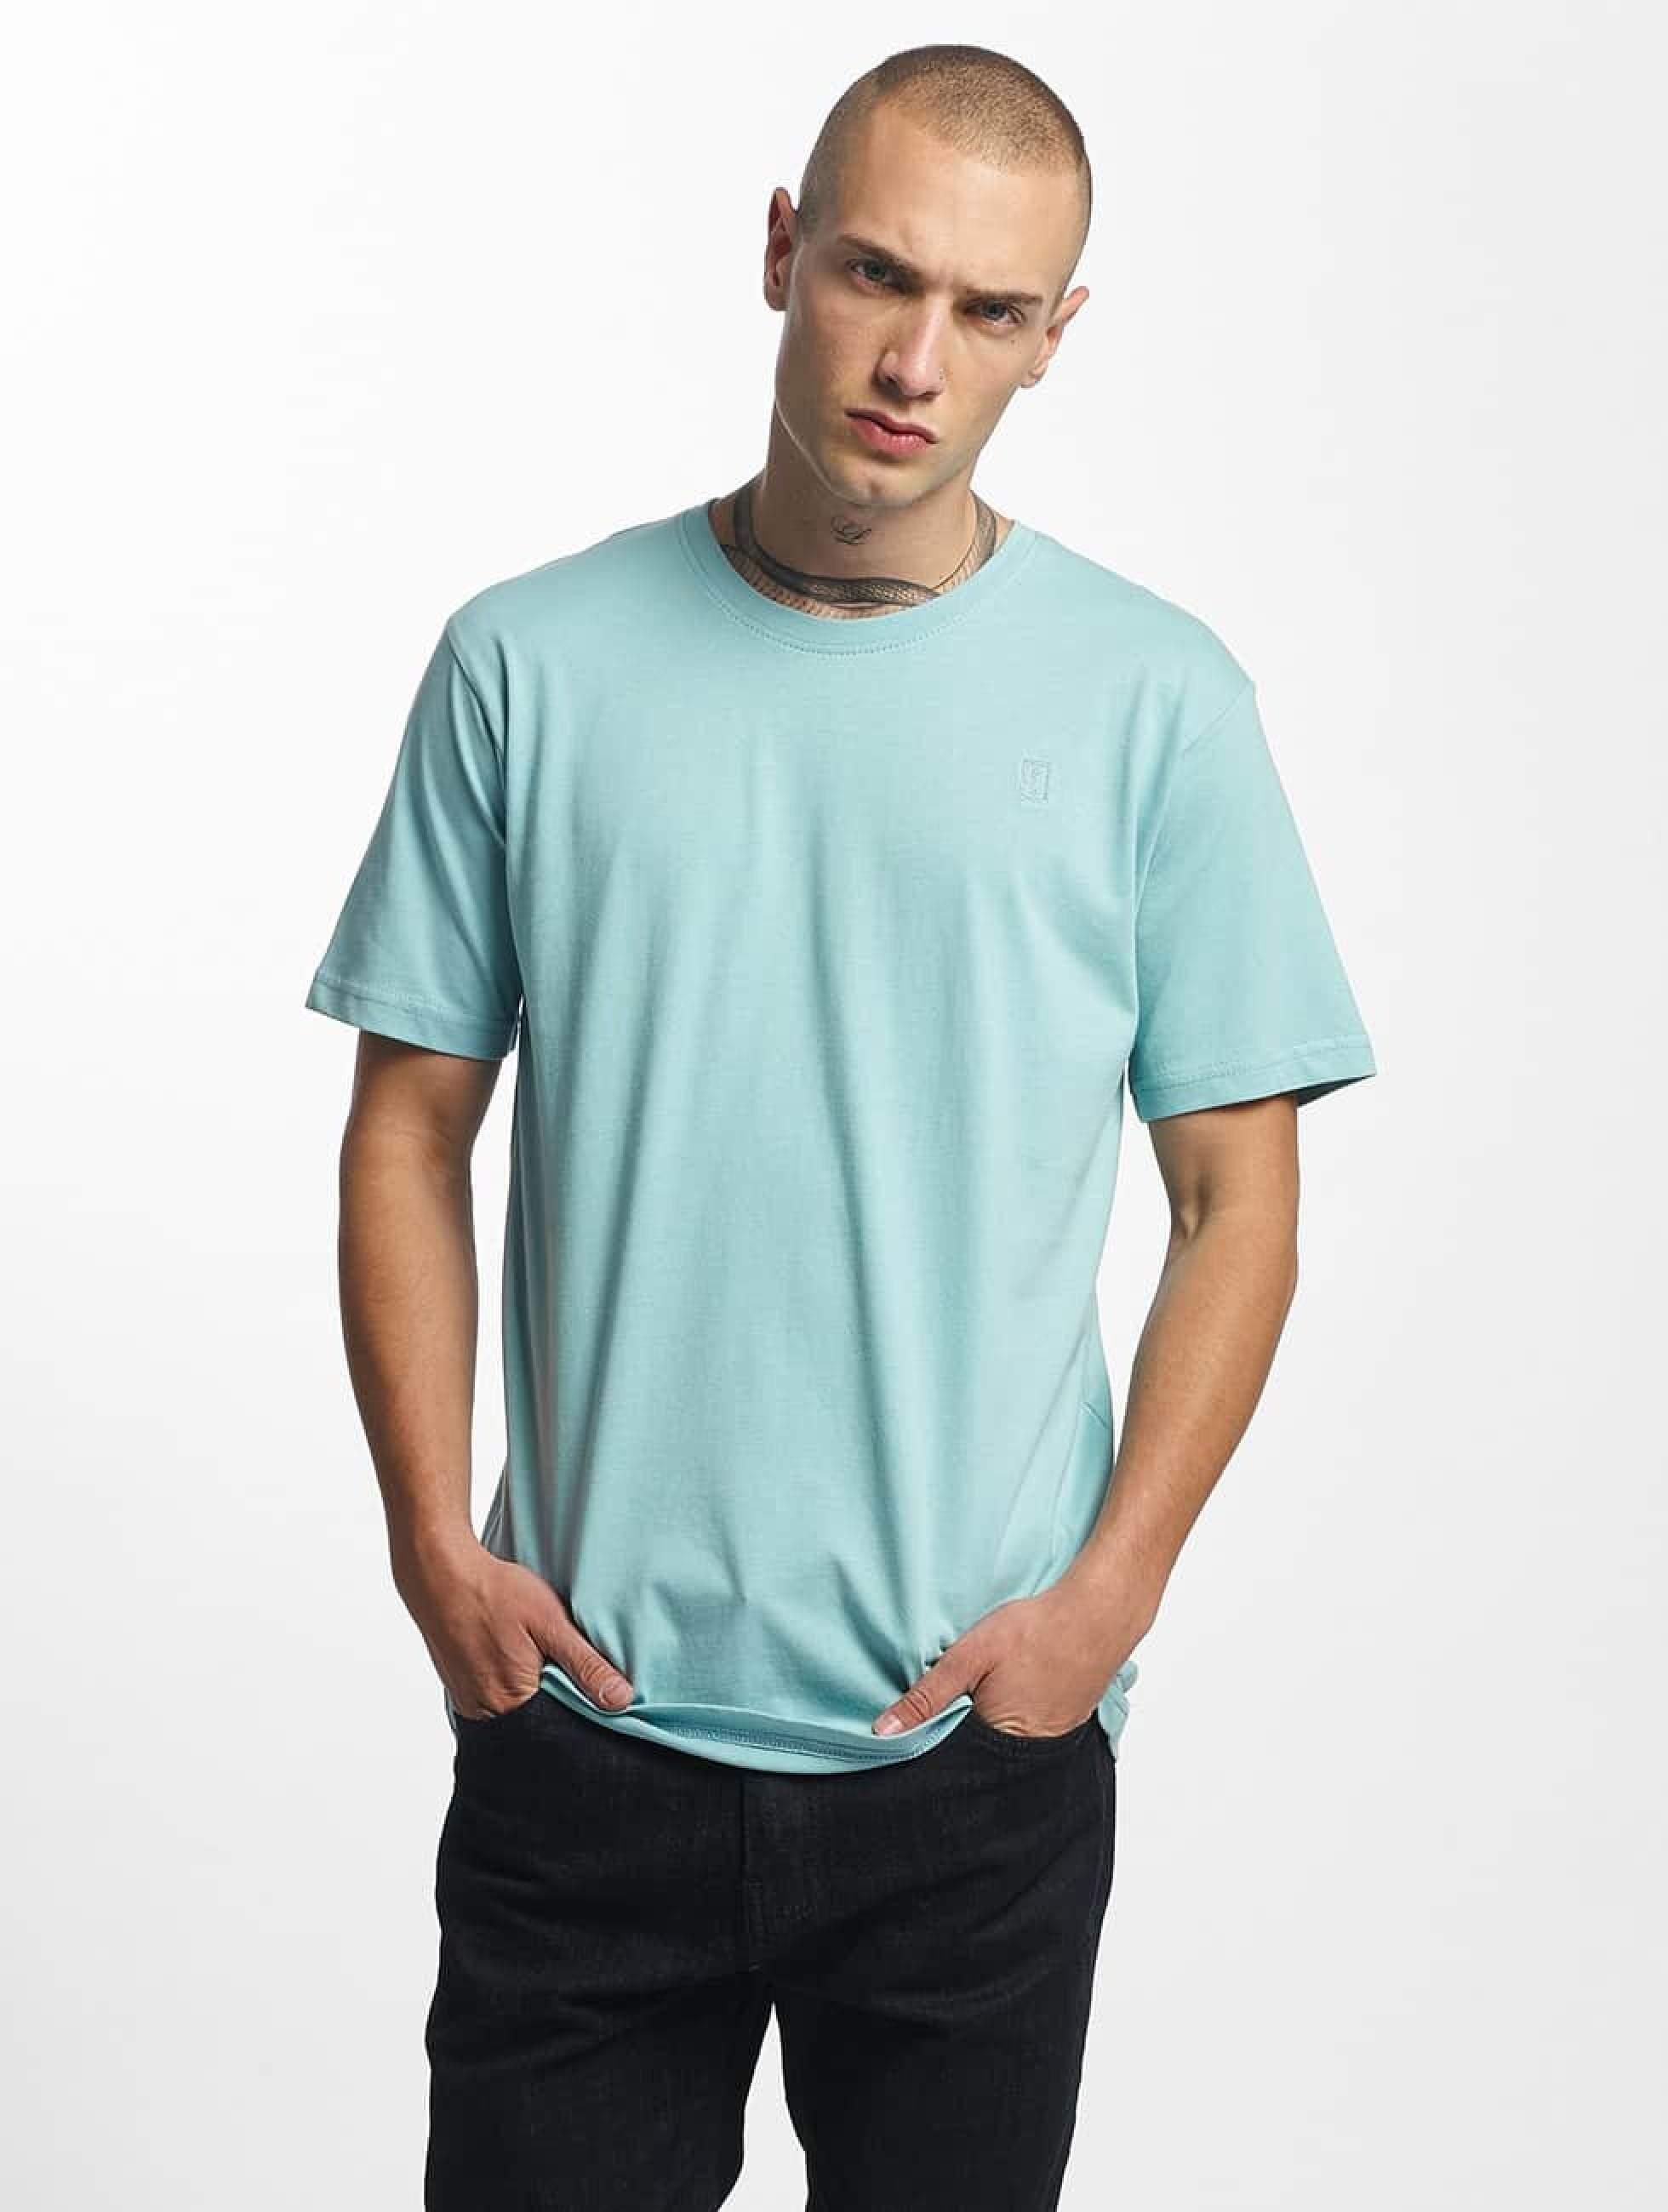 Cyprime / T-Shirt Titanium in turquoise M